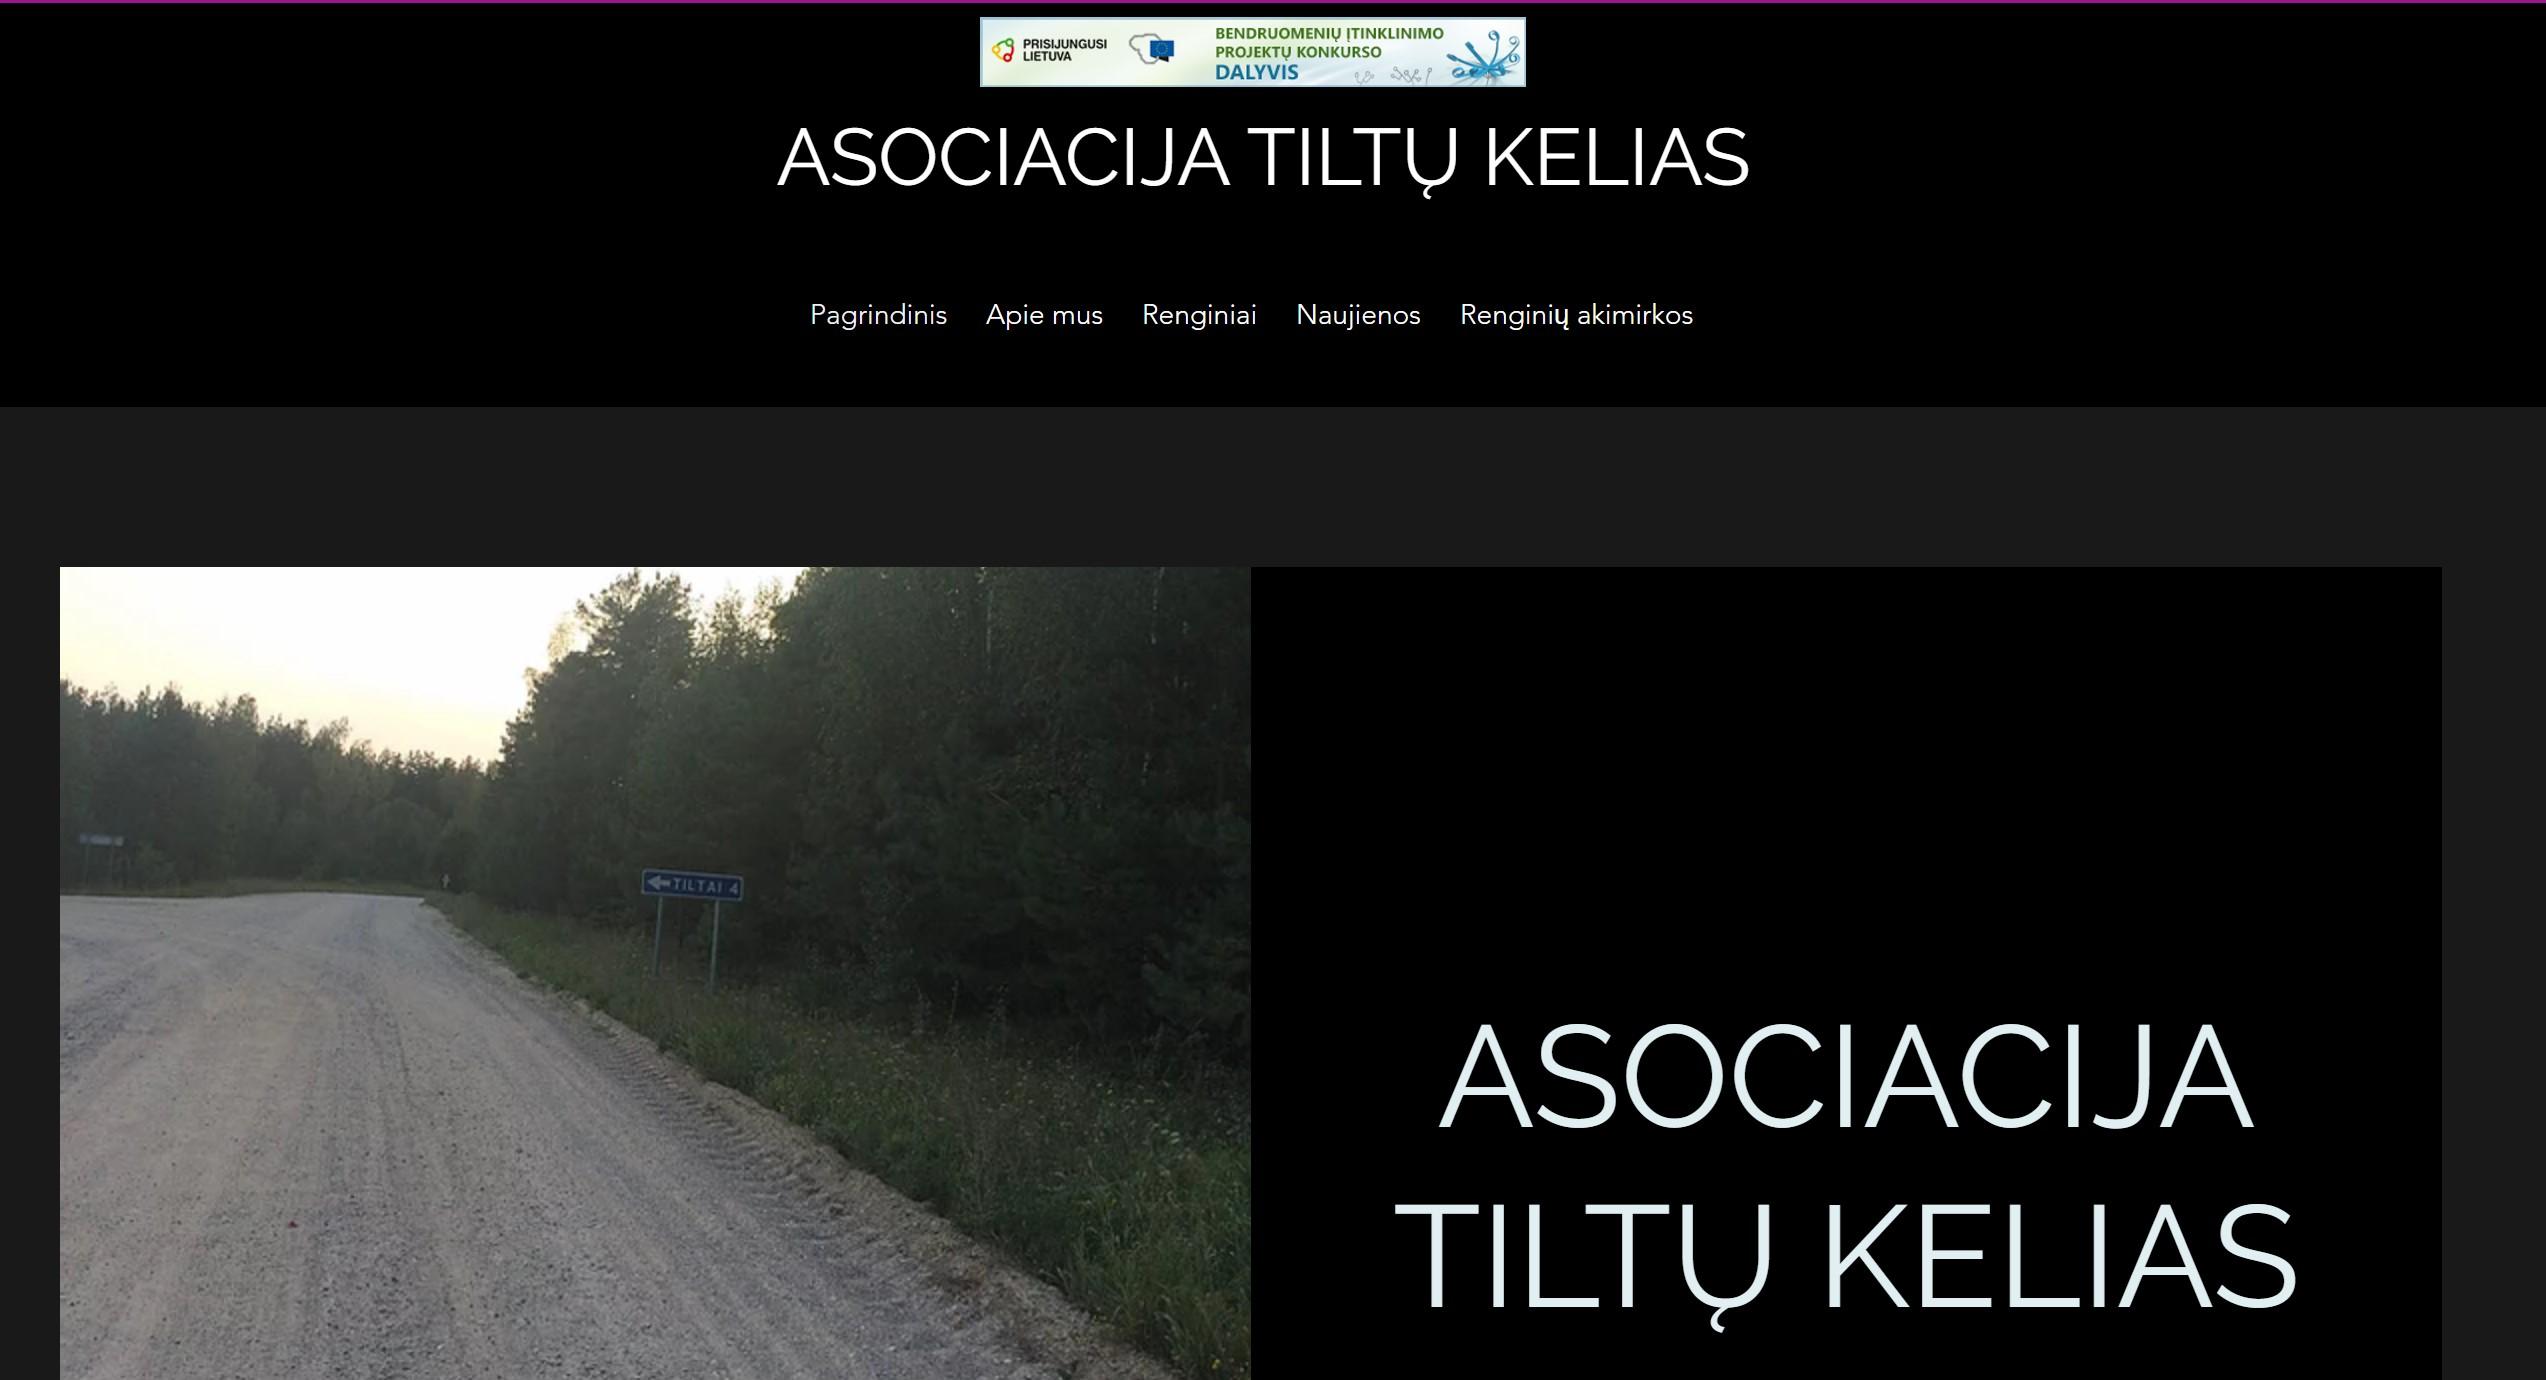 """Asociacijos """"Tiltų kelias"""" internetinėje svetainėje – informacija apie organizacijos veiklas"""